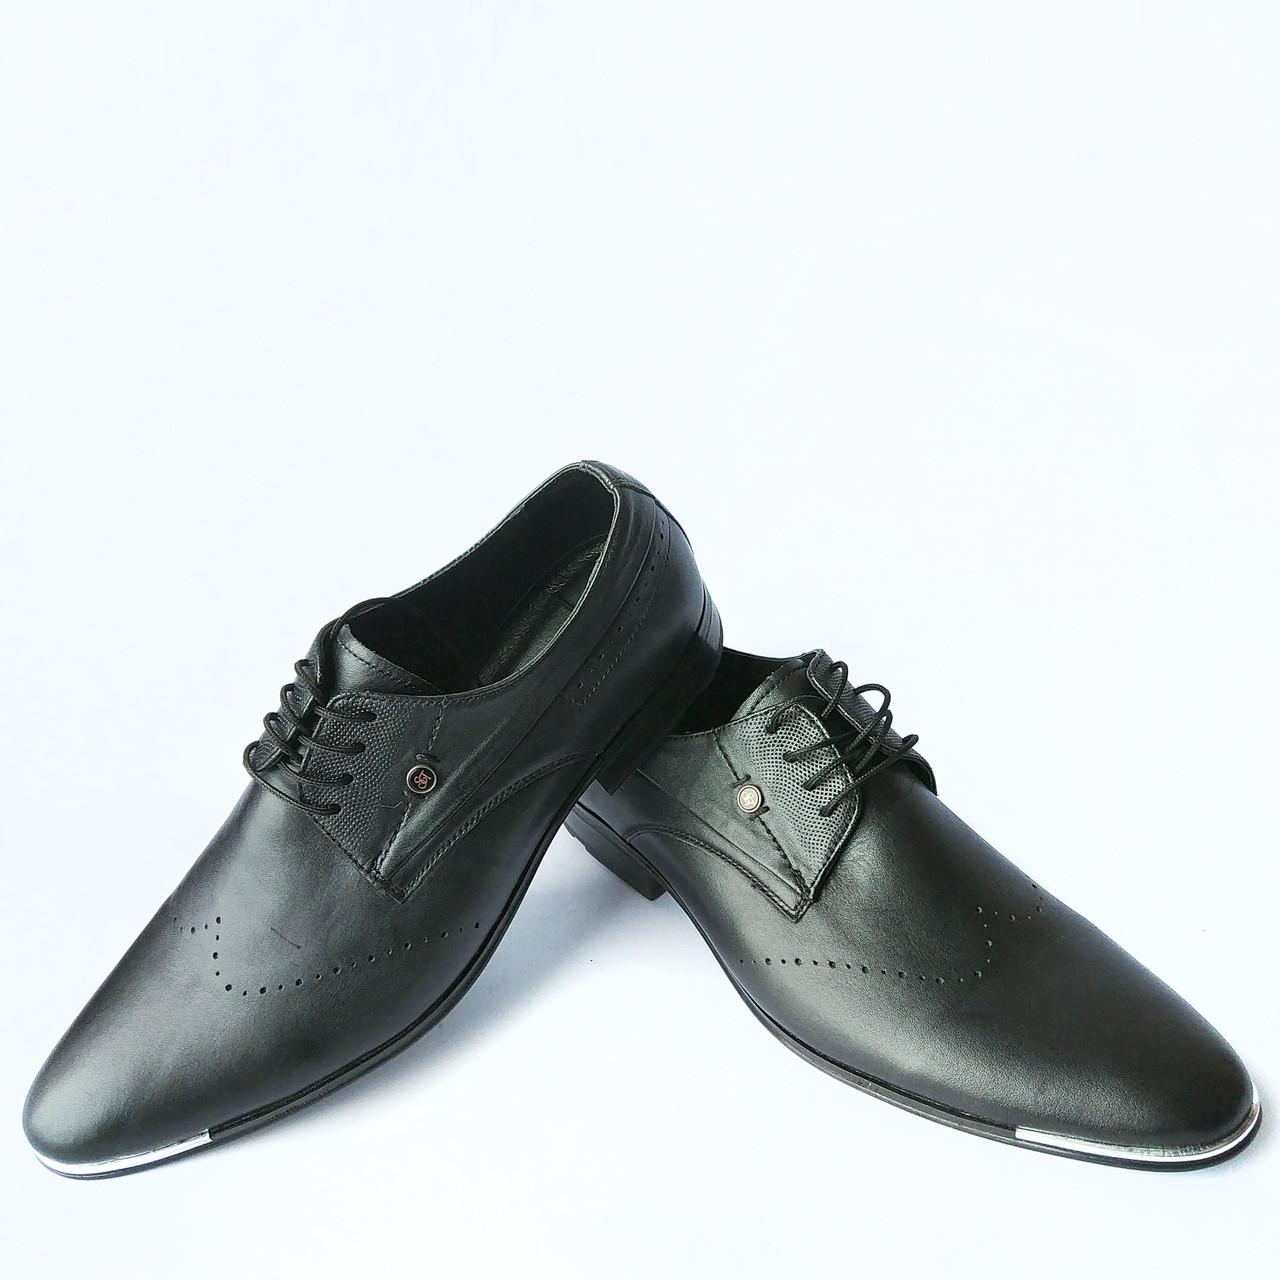 4fcf3a28 Харьковская мужская обувь : кожаные, классические, черные туфли с  перфорацией фабрики Slat - Интернет